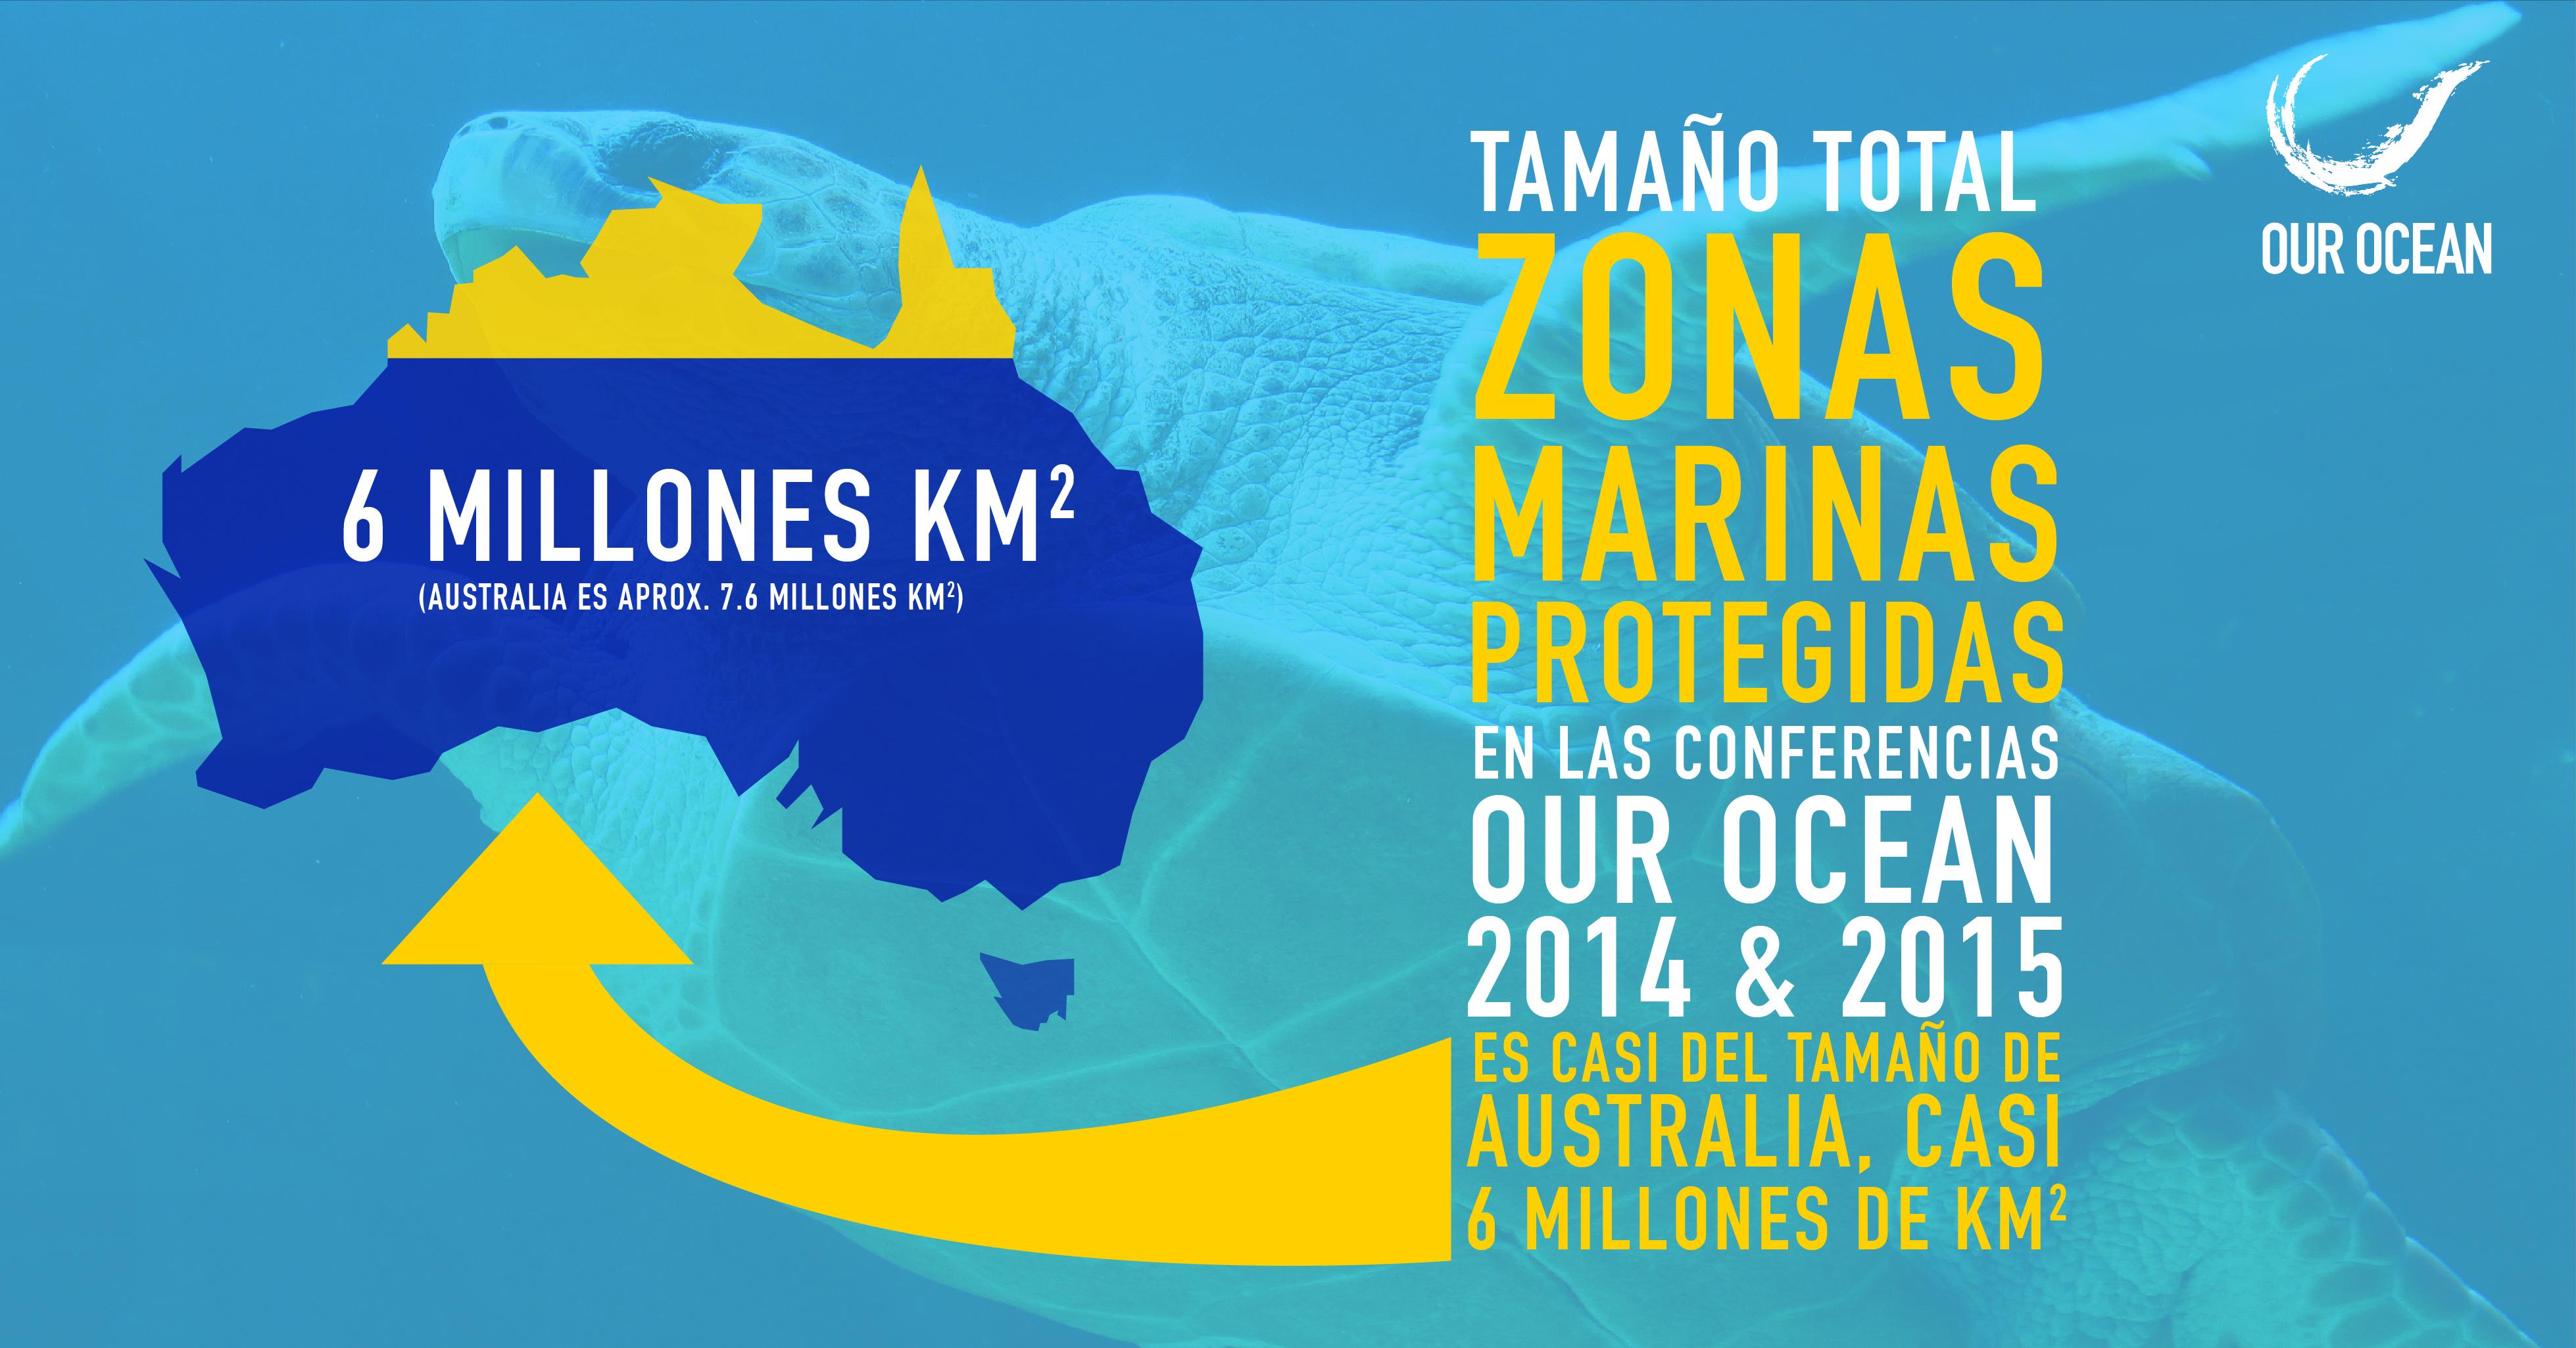 Texto y mapa de Australia parcialmente sombreados para mostrar la equivalencia de zonas marinas que obtuvieron un compromiso para su protección durante la conferencia Nuestro Océano 2015 (Depto. de Estado)